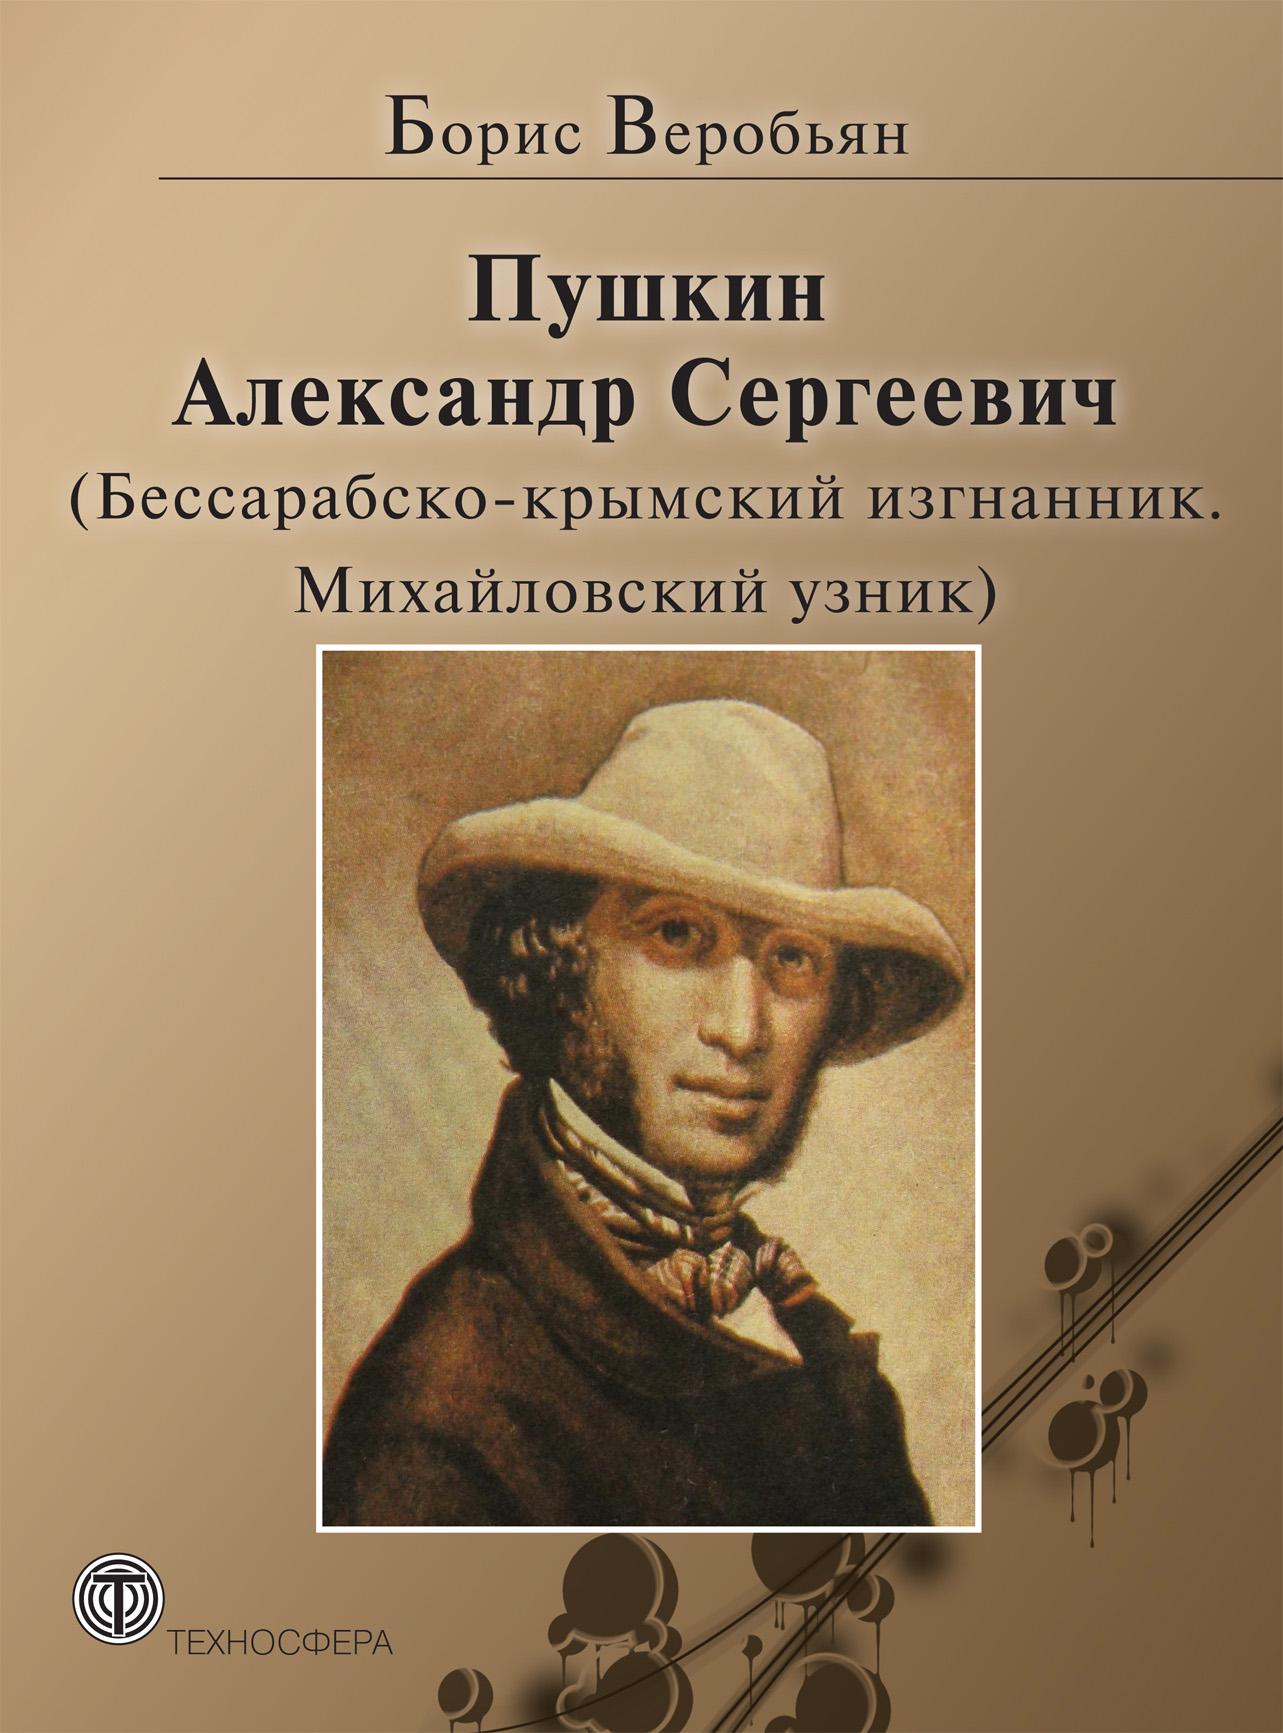 Пушкин Александр Сергеевич (Бессарабско-крымский изгнанник. Михайловский узник)